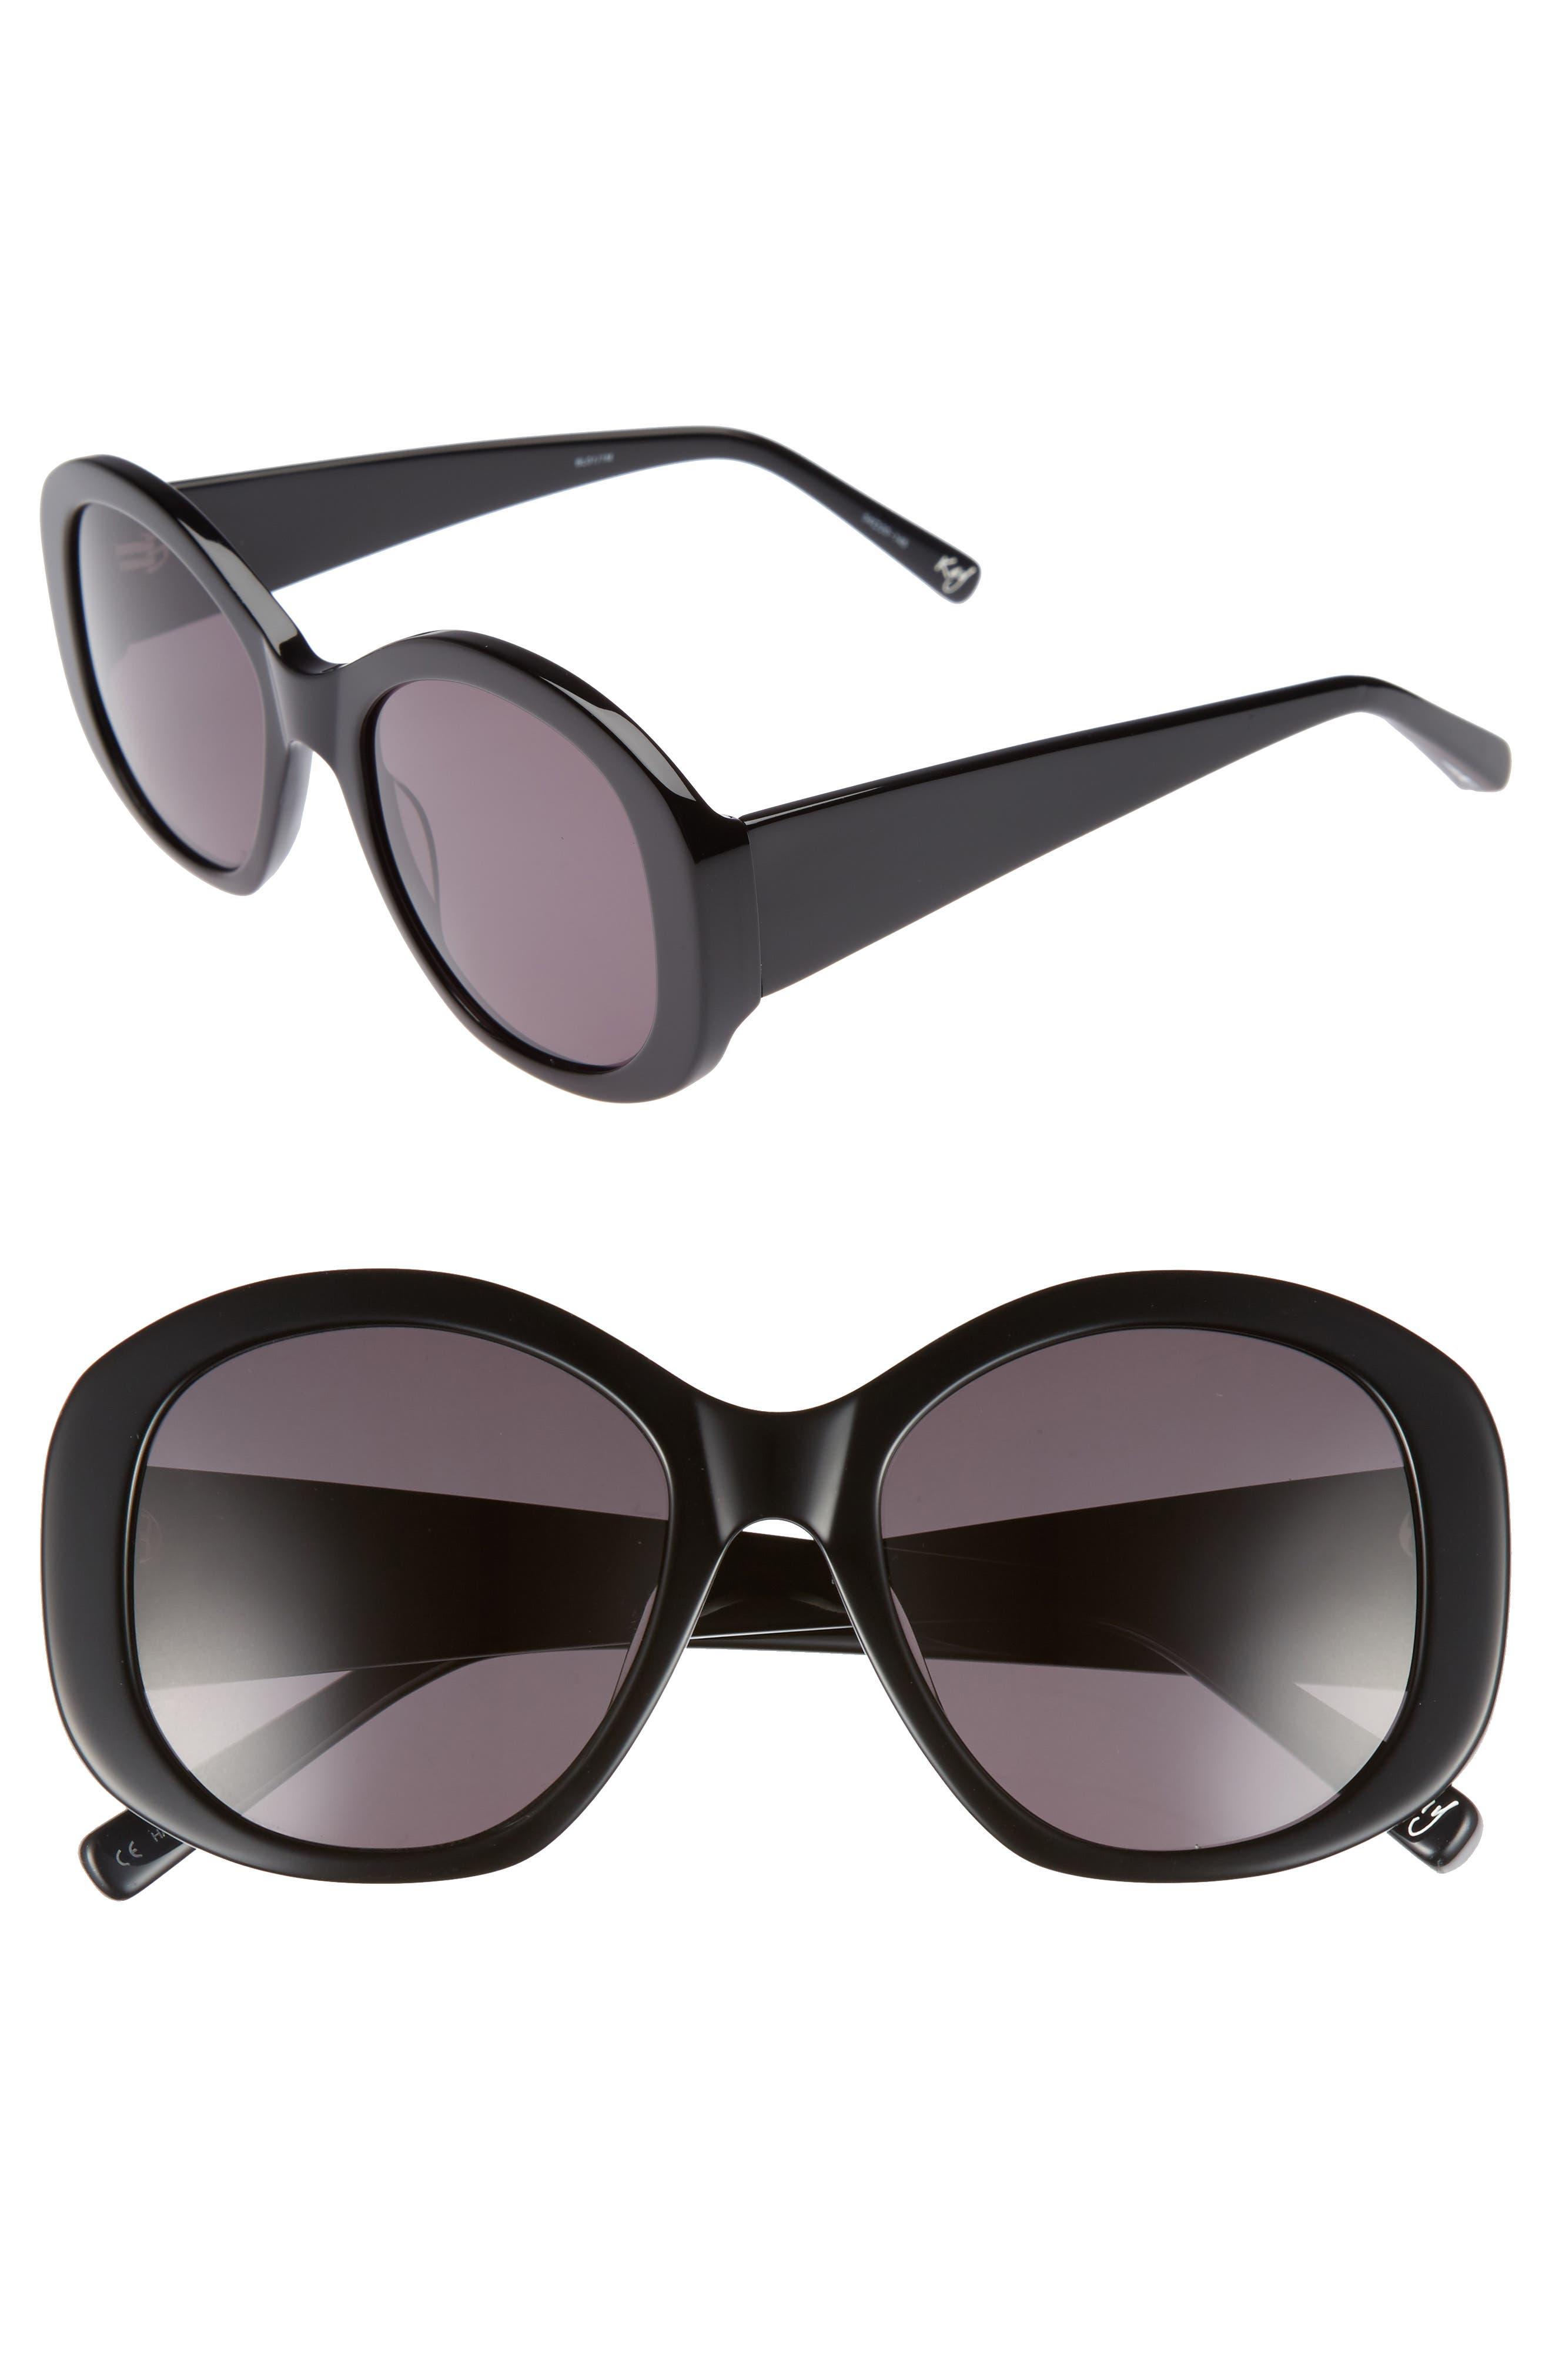 Kay 54mm Round Sunglasses,                             Main thumbnail 1, color,                             001